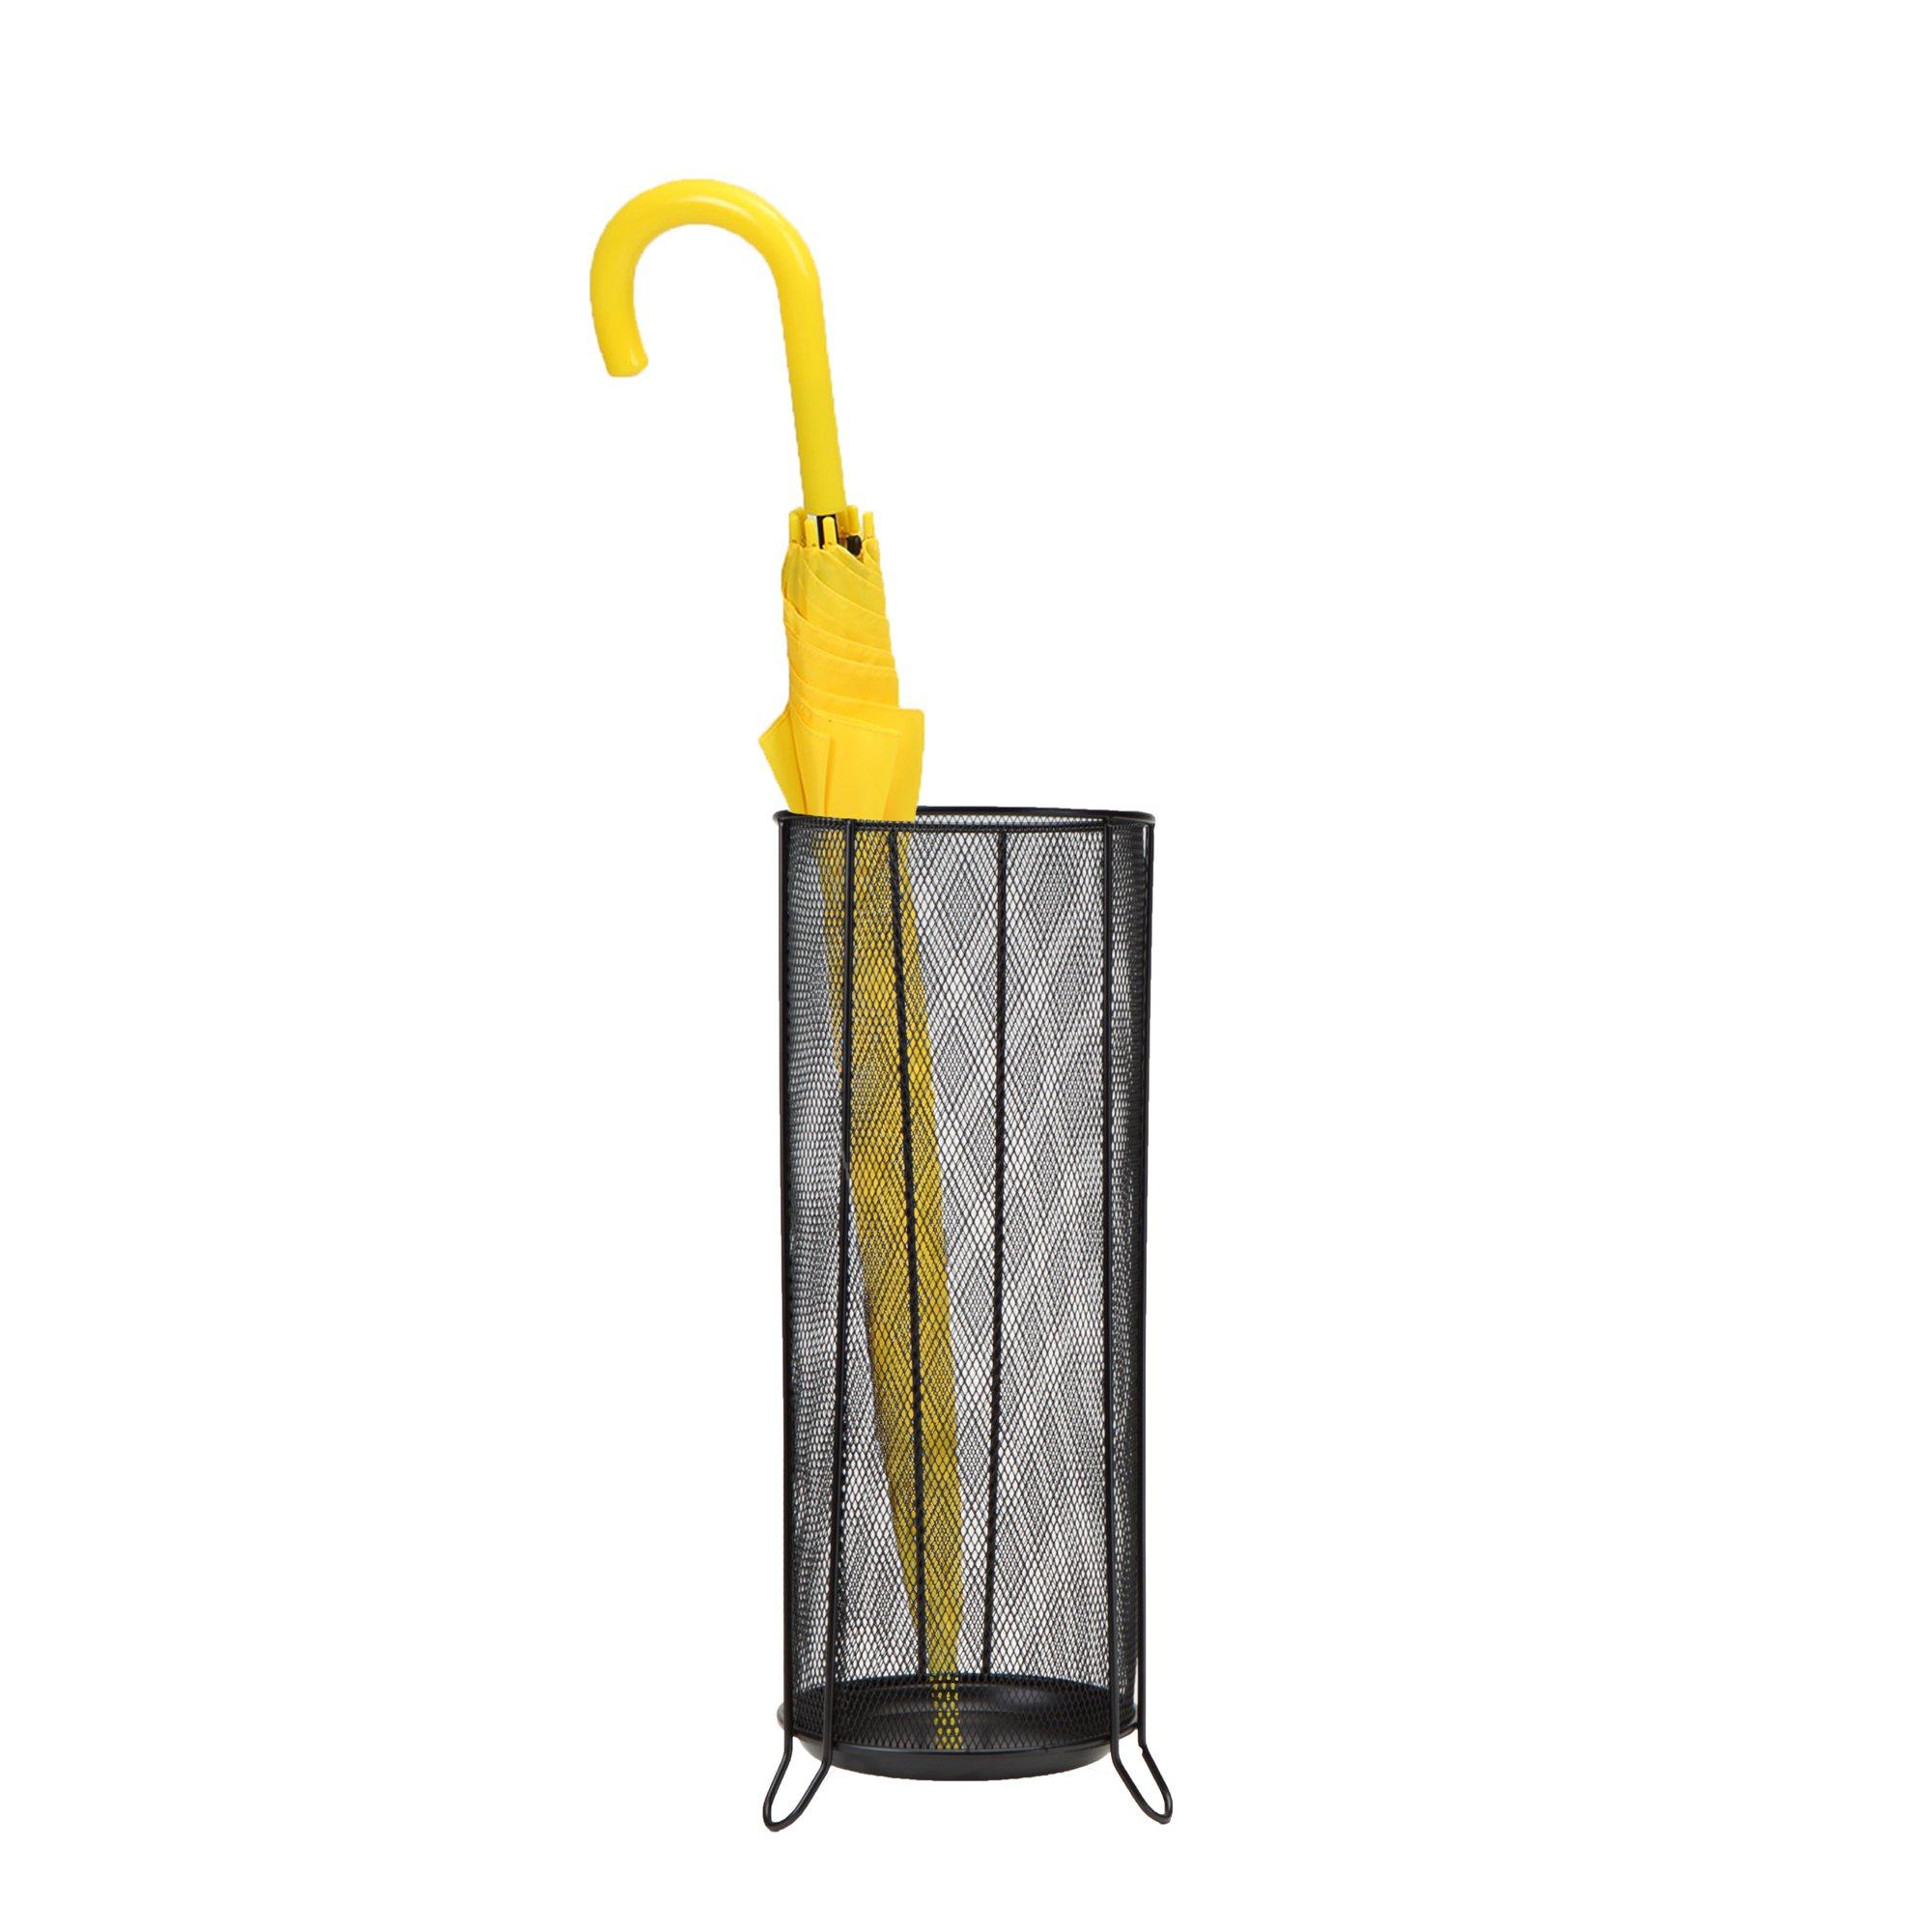 Mind Reader BRELLSTA-BLK Umbrella Stand Rack Holder for Canes, Walking Sticks, Home and Office, Black by Mind Reader